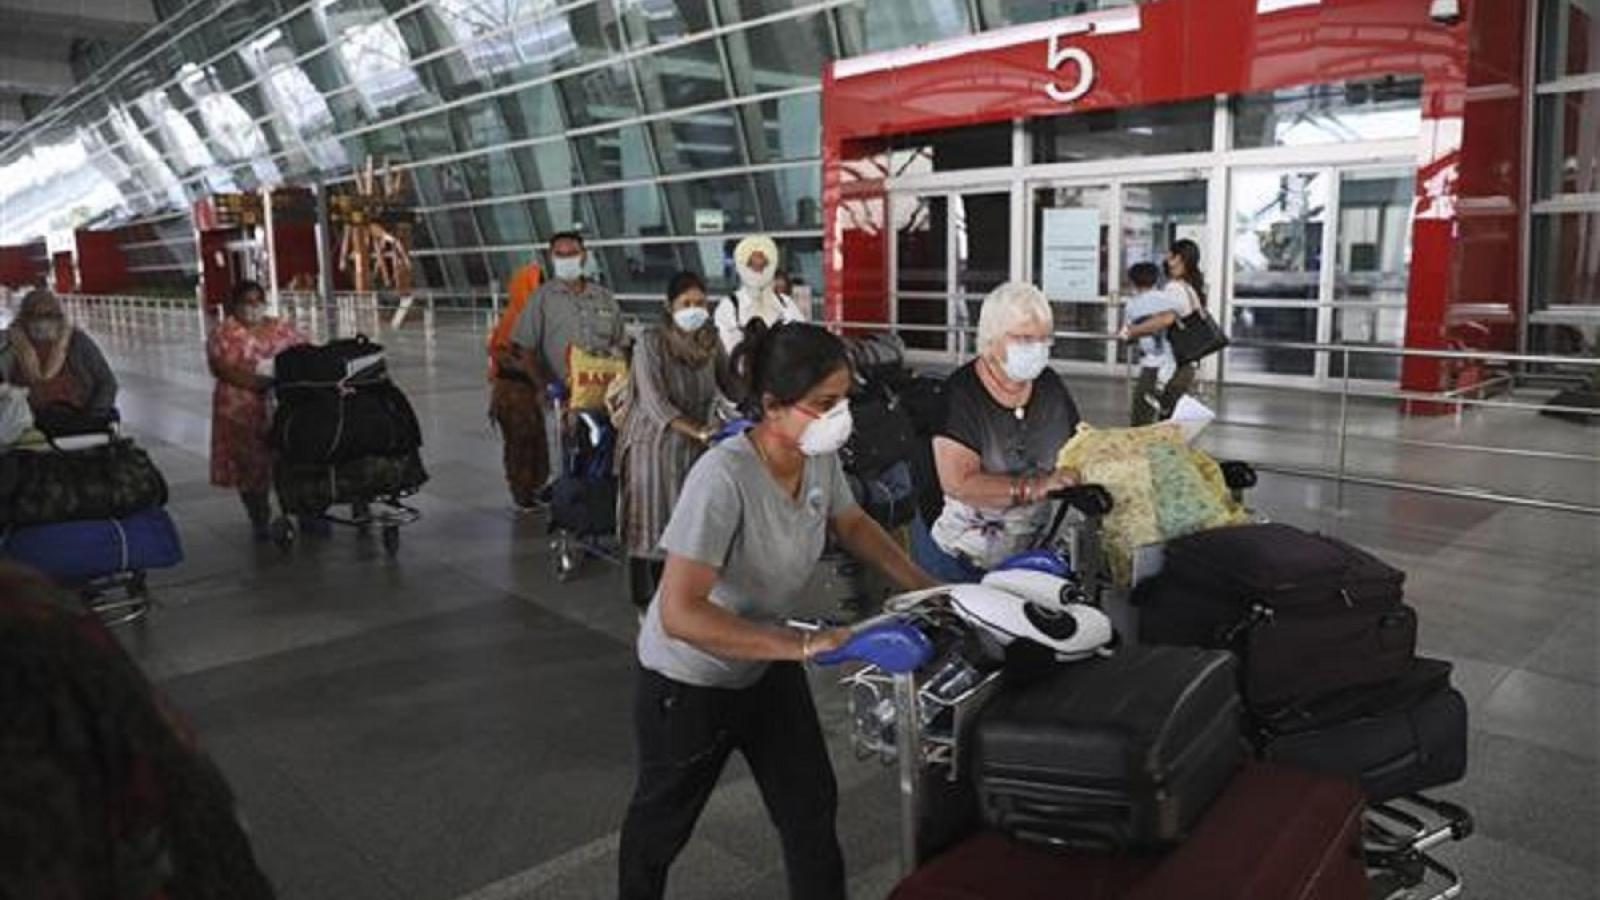 5 hành khách trên chuyến bay từ Anh dương tính với SARS-CoV-2 tại sân bay Delhi (Ấn Độ)